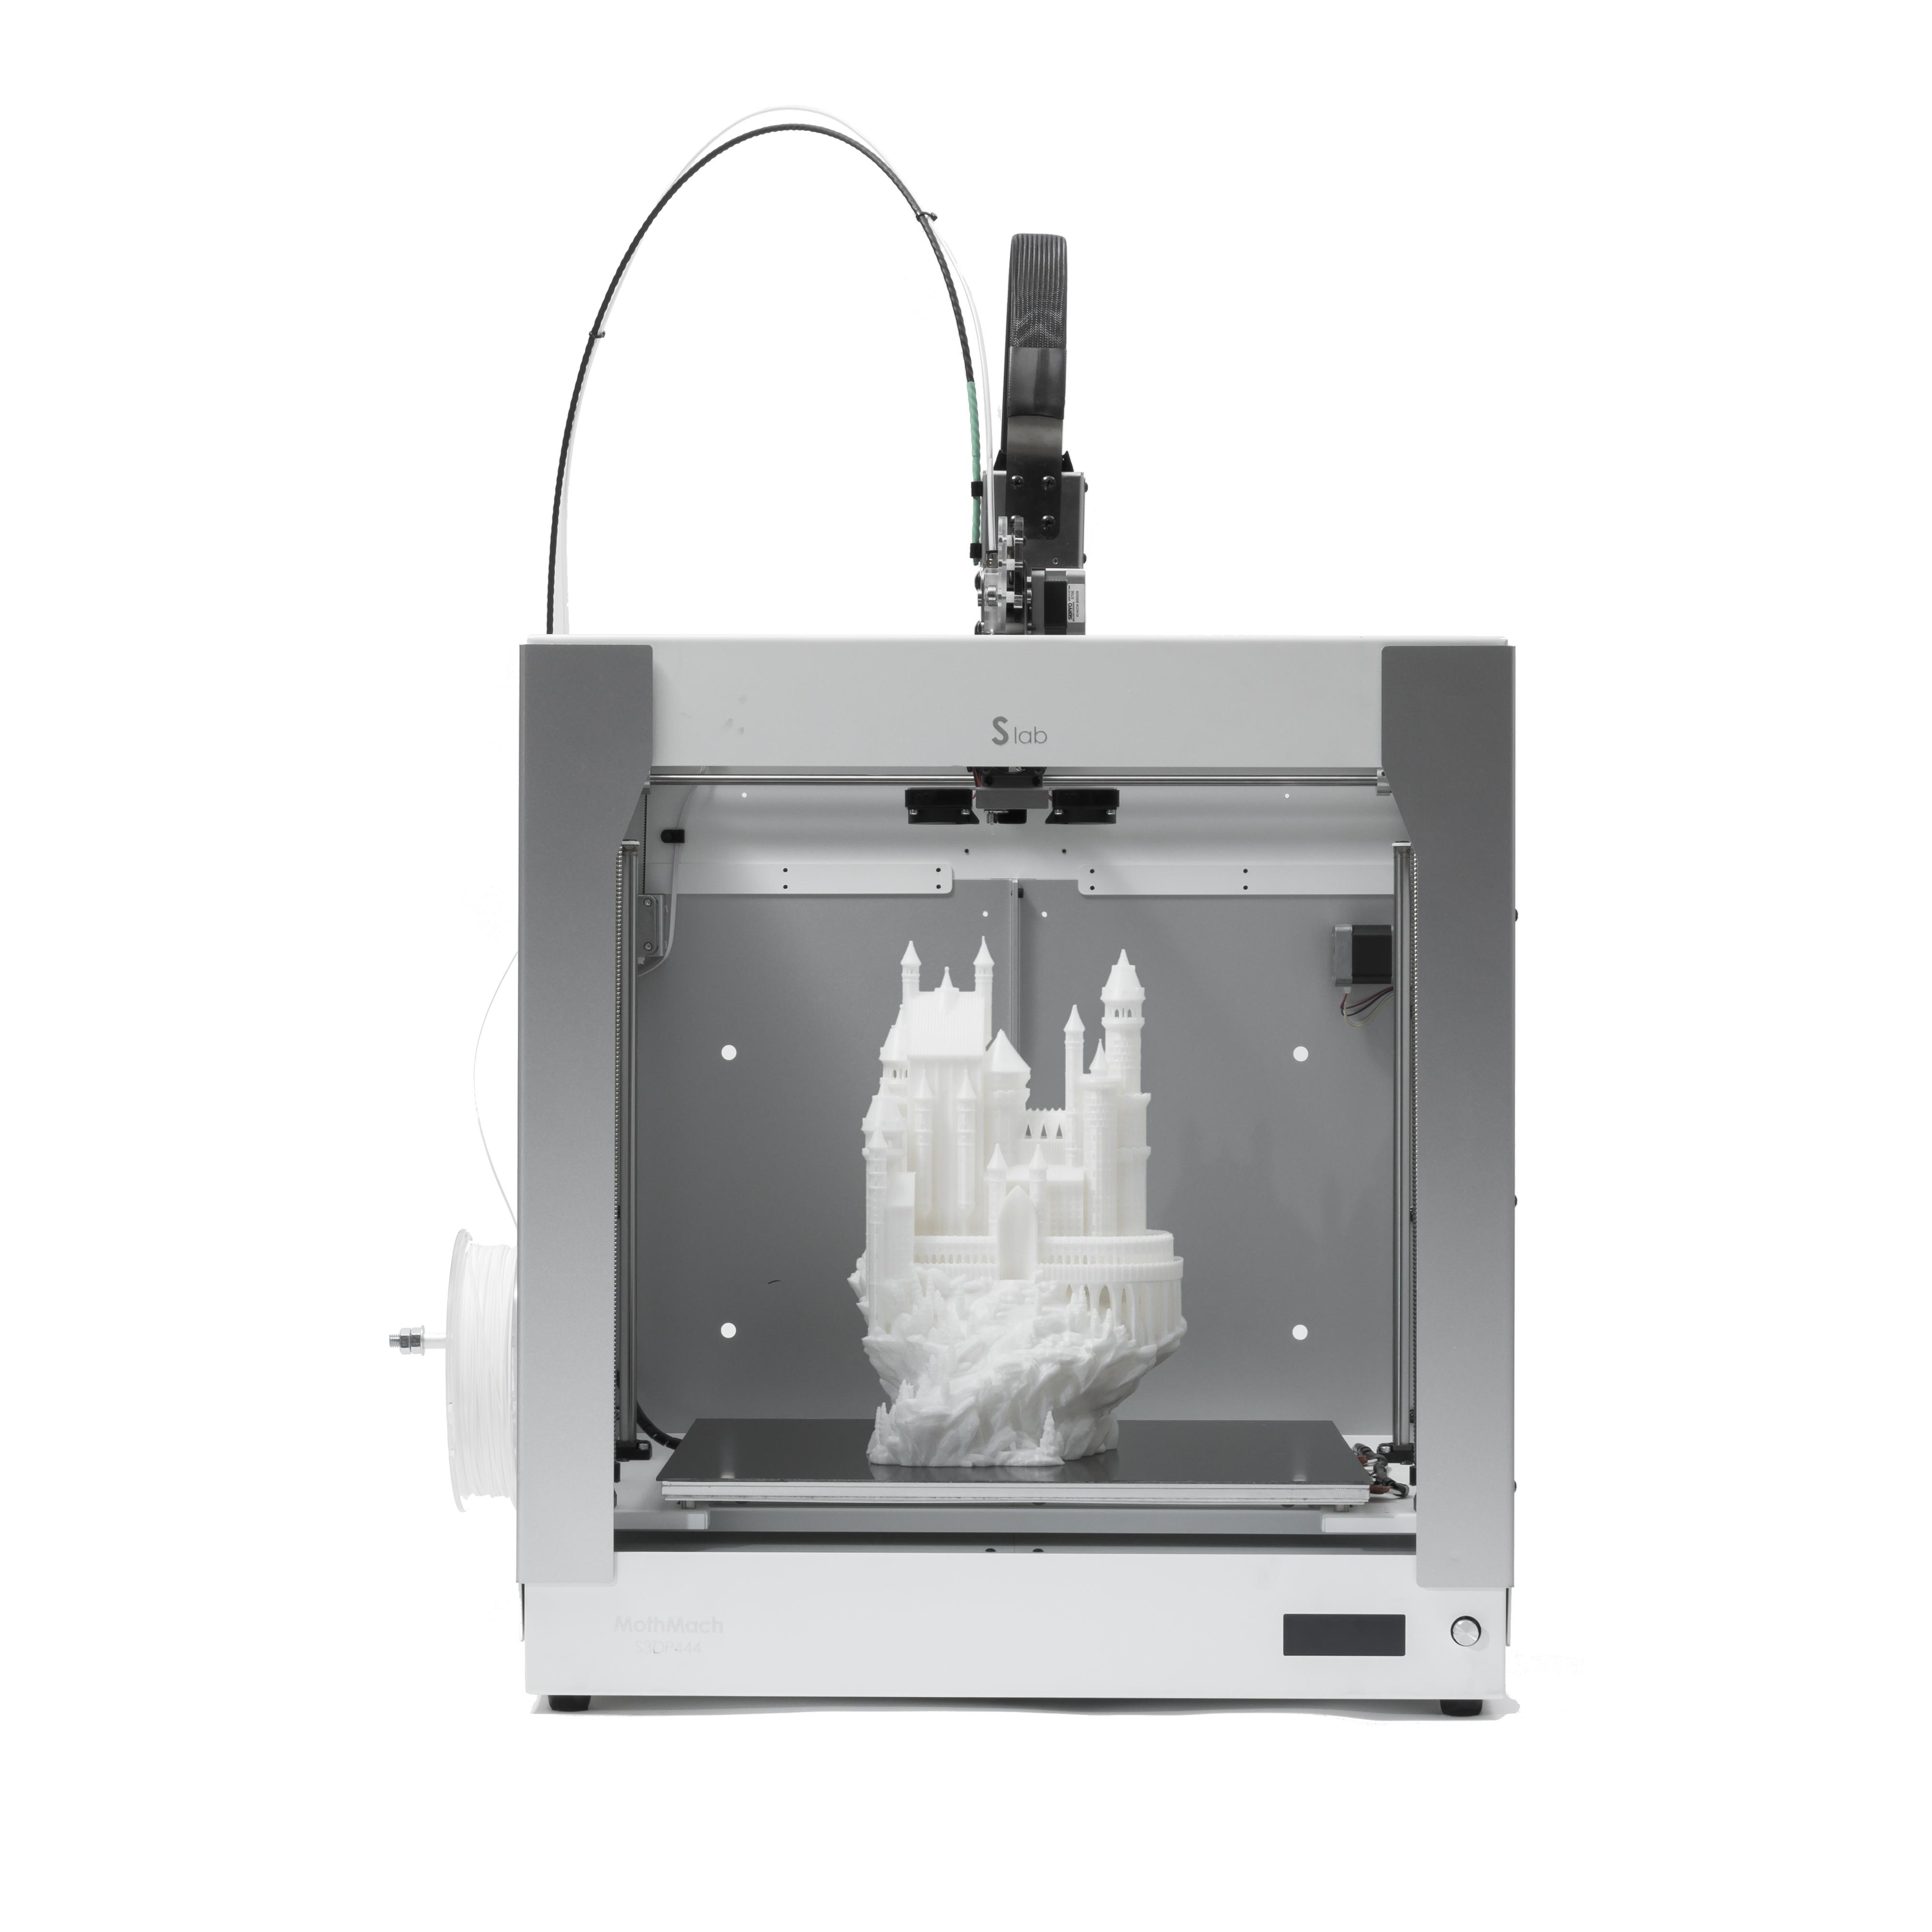 フィラメント式 3Dプリンター